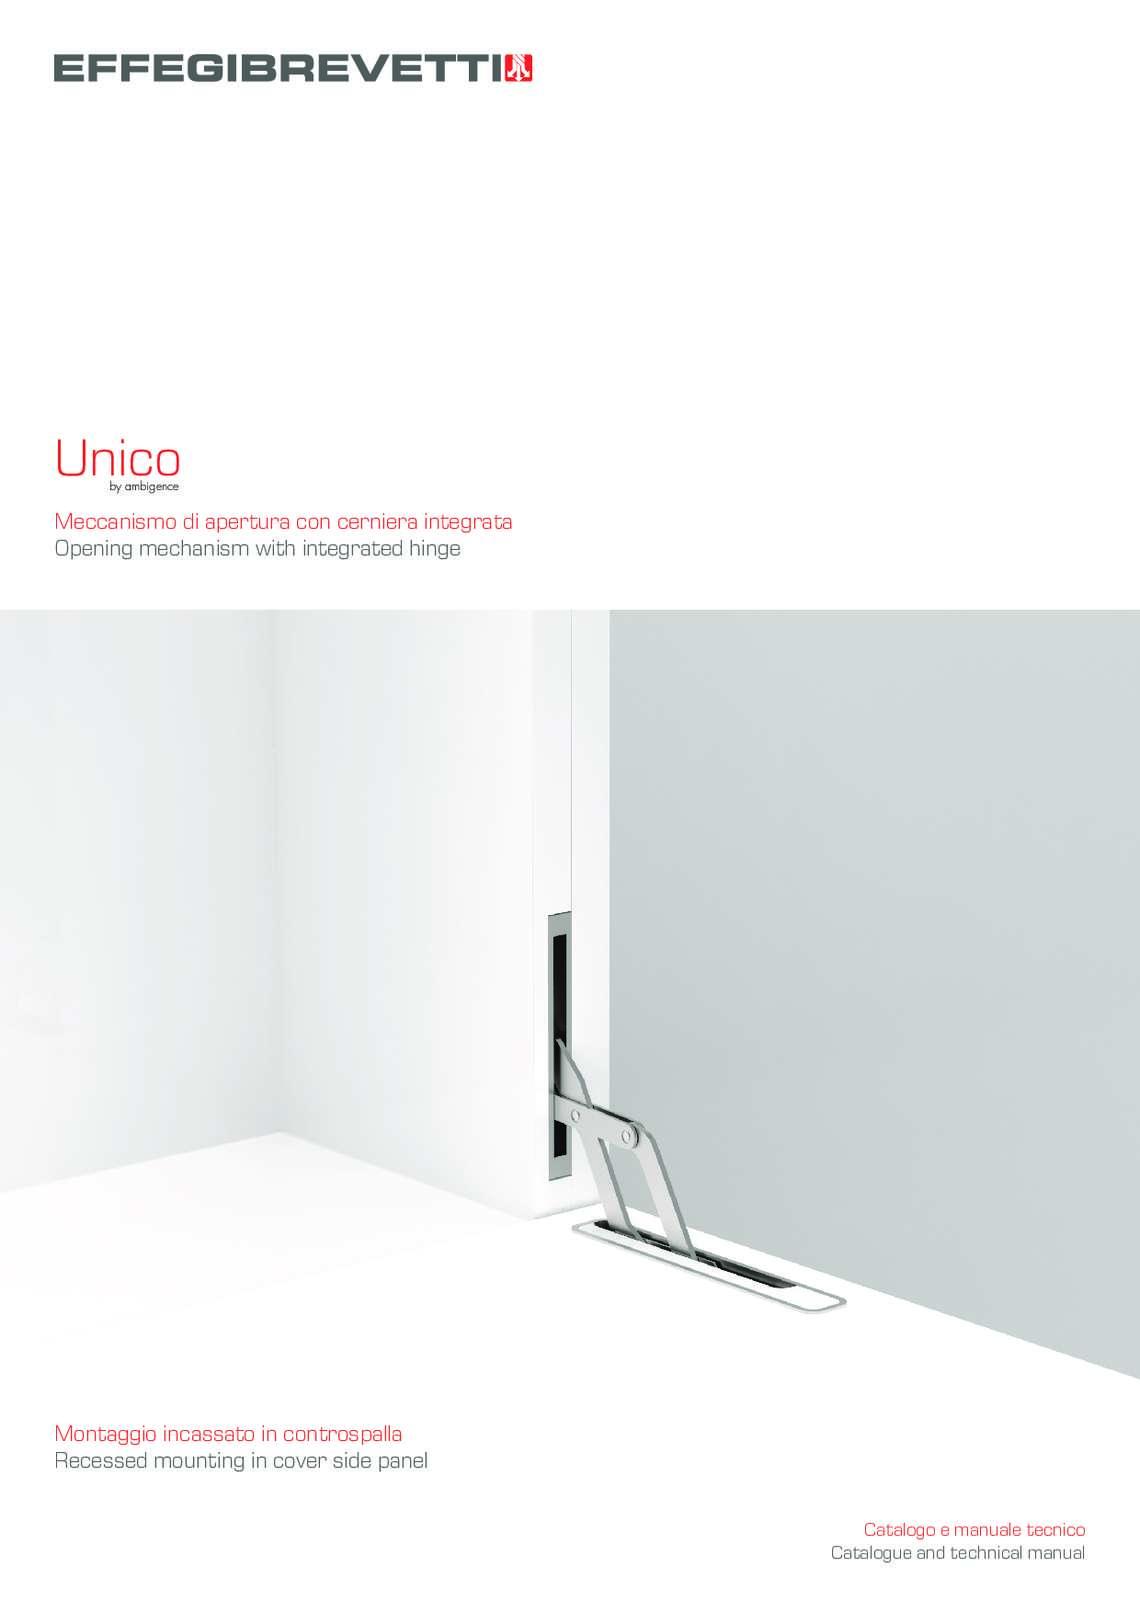 Unico - Meccanismo di apertura con cerniera integrata e montaggio incassato